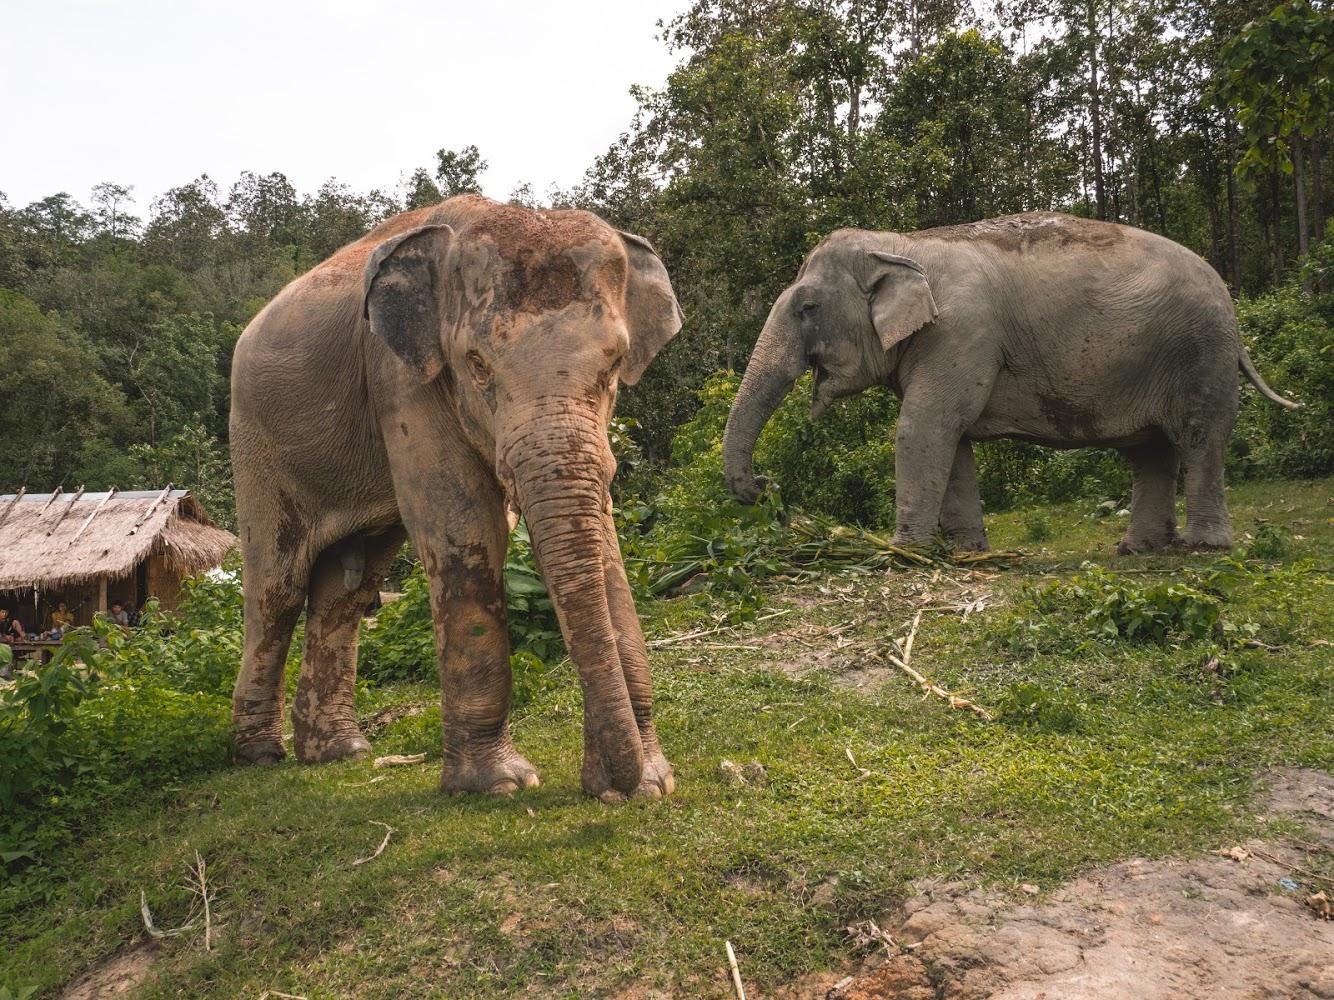 szolgalelkű óriások film elefánt lovaglás etikus Thaiföld